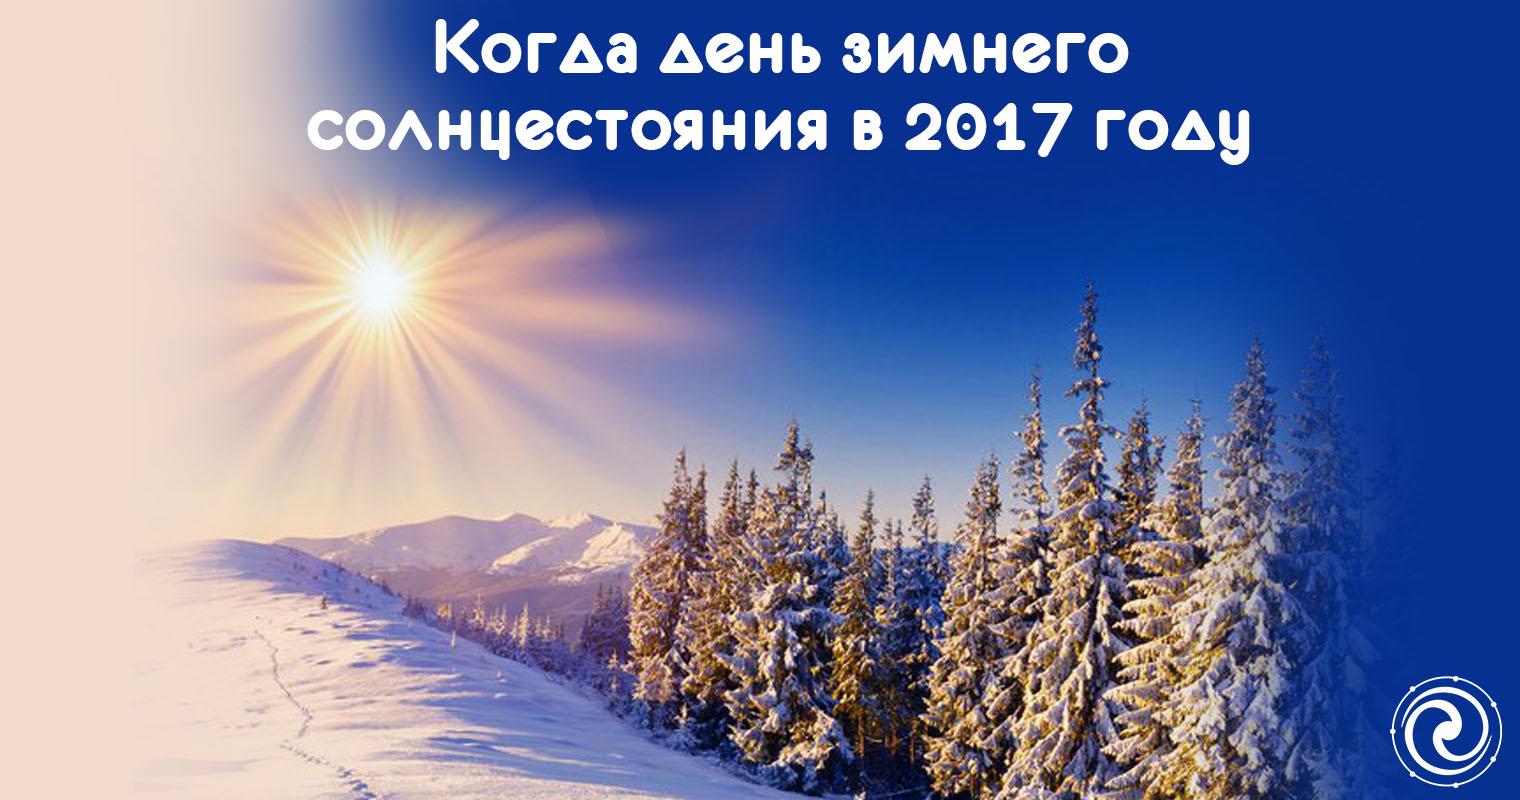 День зимнего солнцестояния 2017: приметы, обряды, молитвы и заговоры